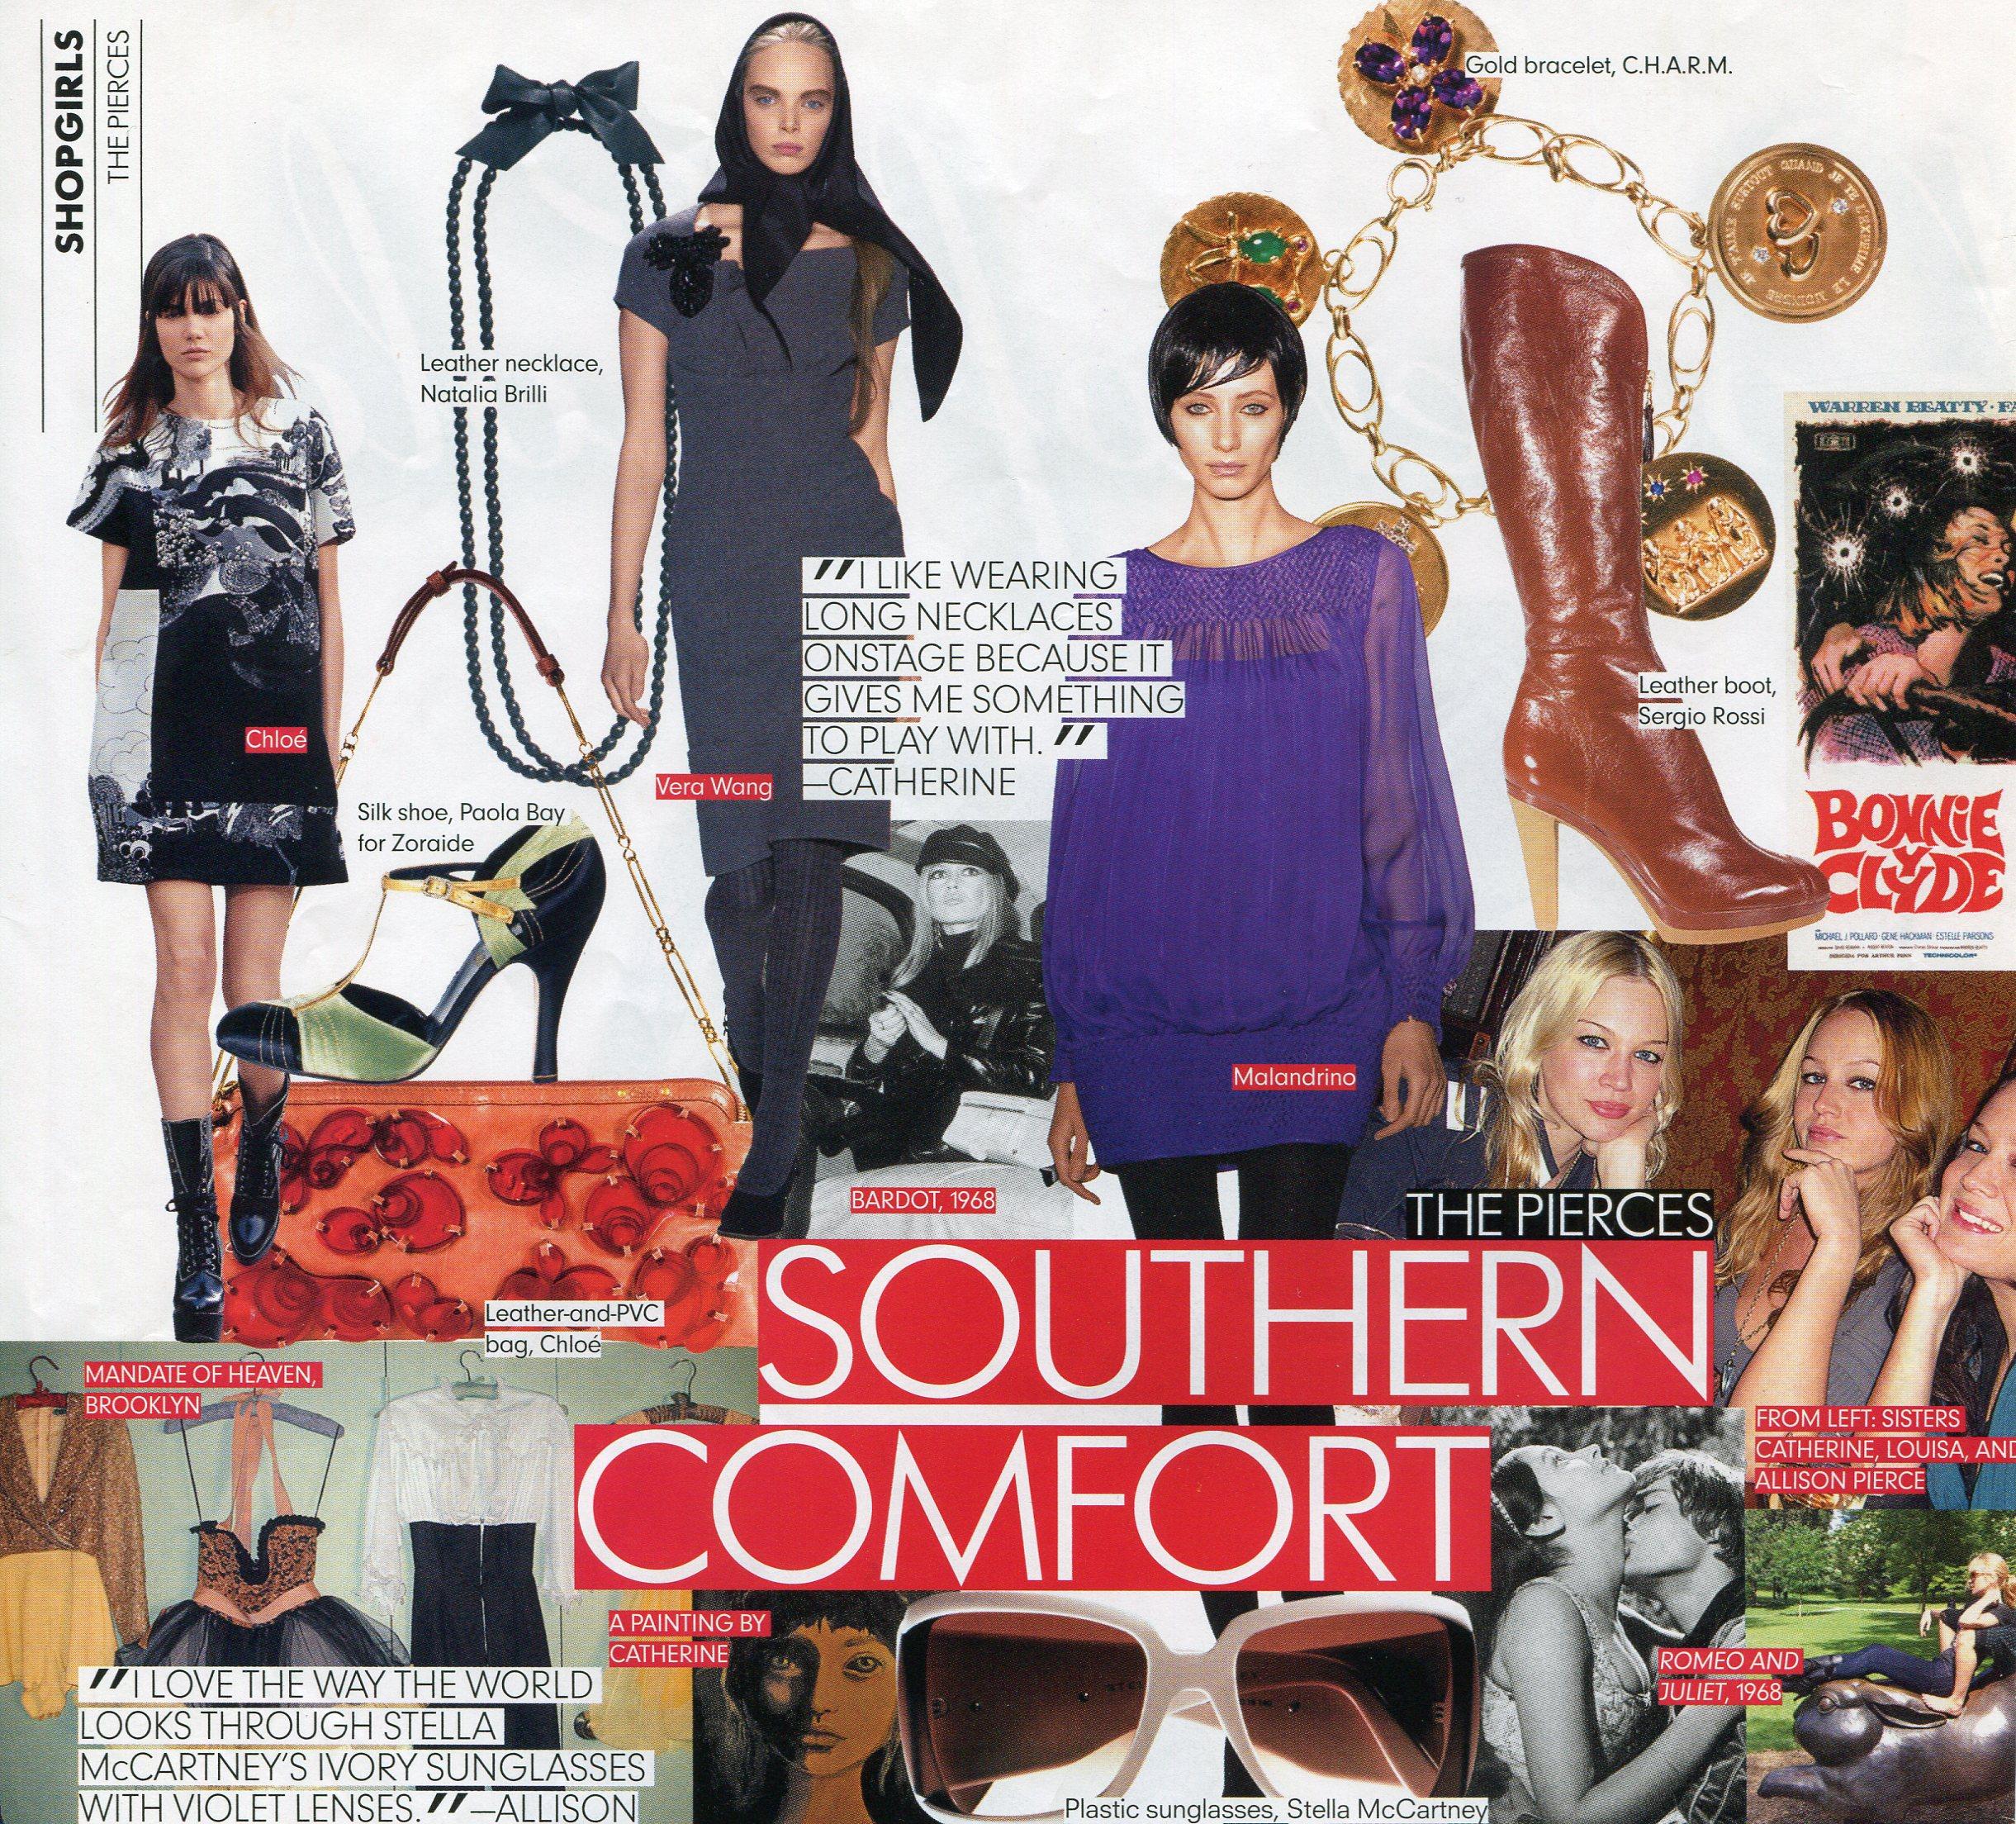 elle-accessories-spread-may-2007.jpg